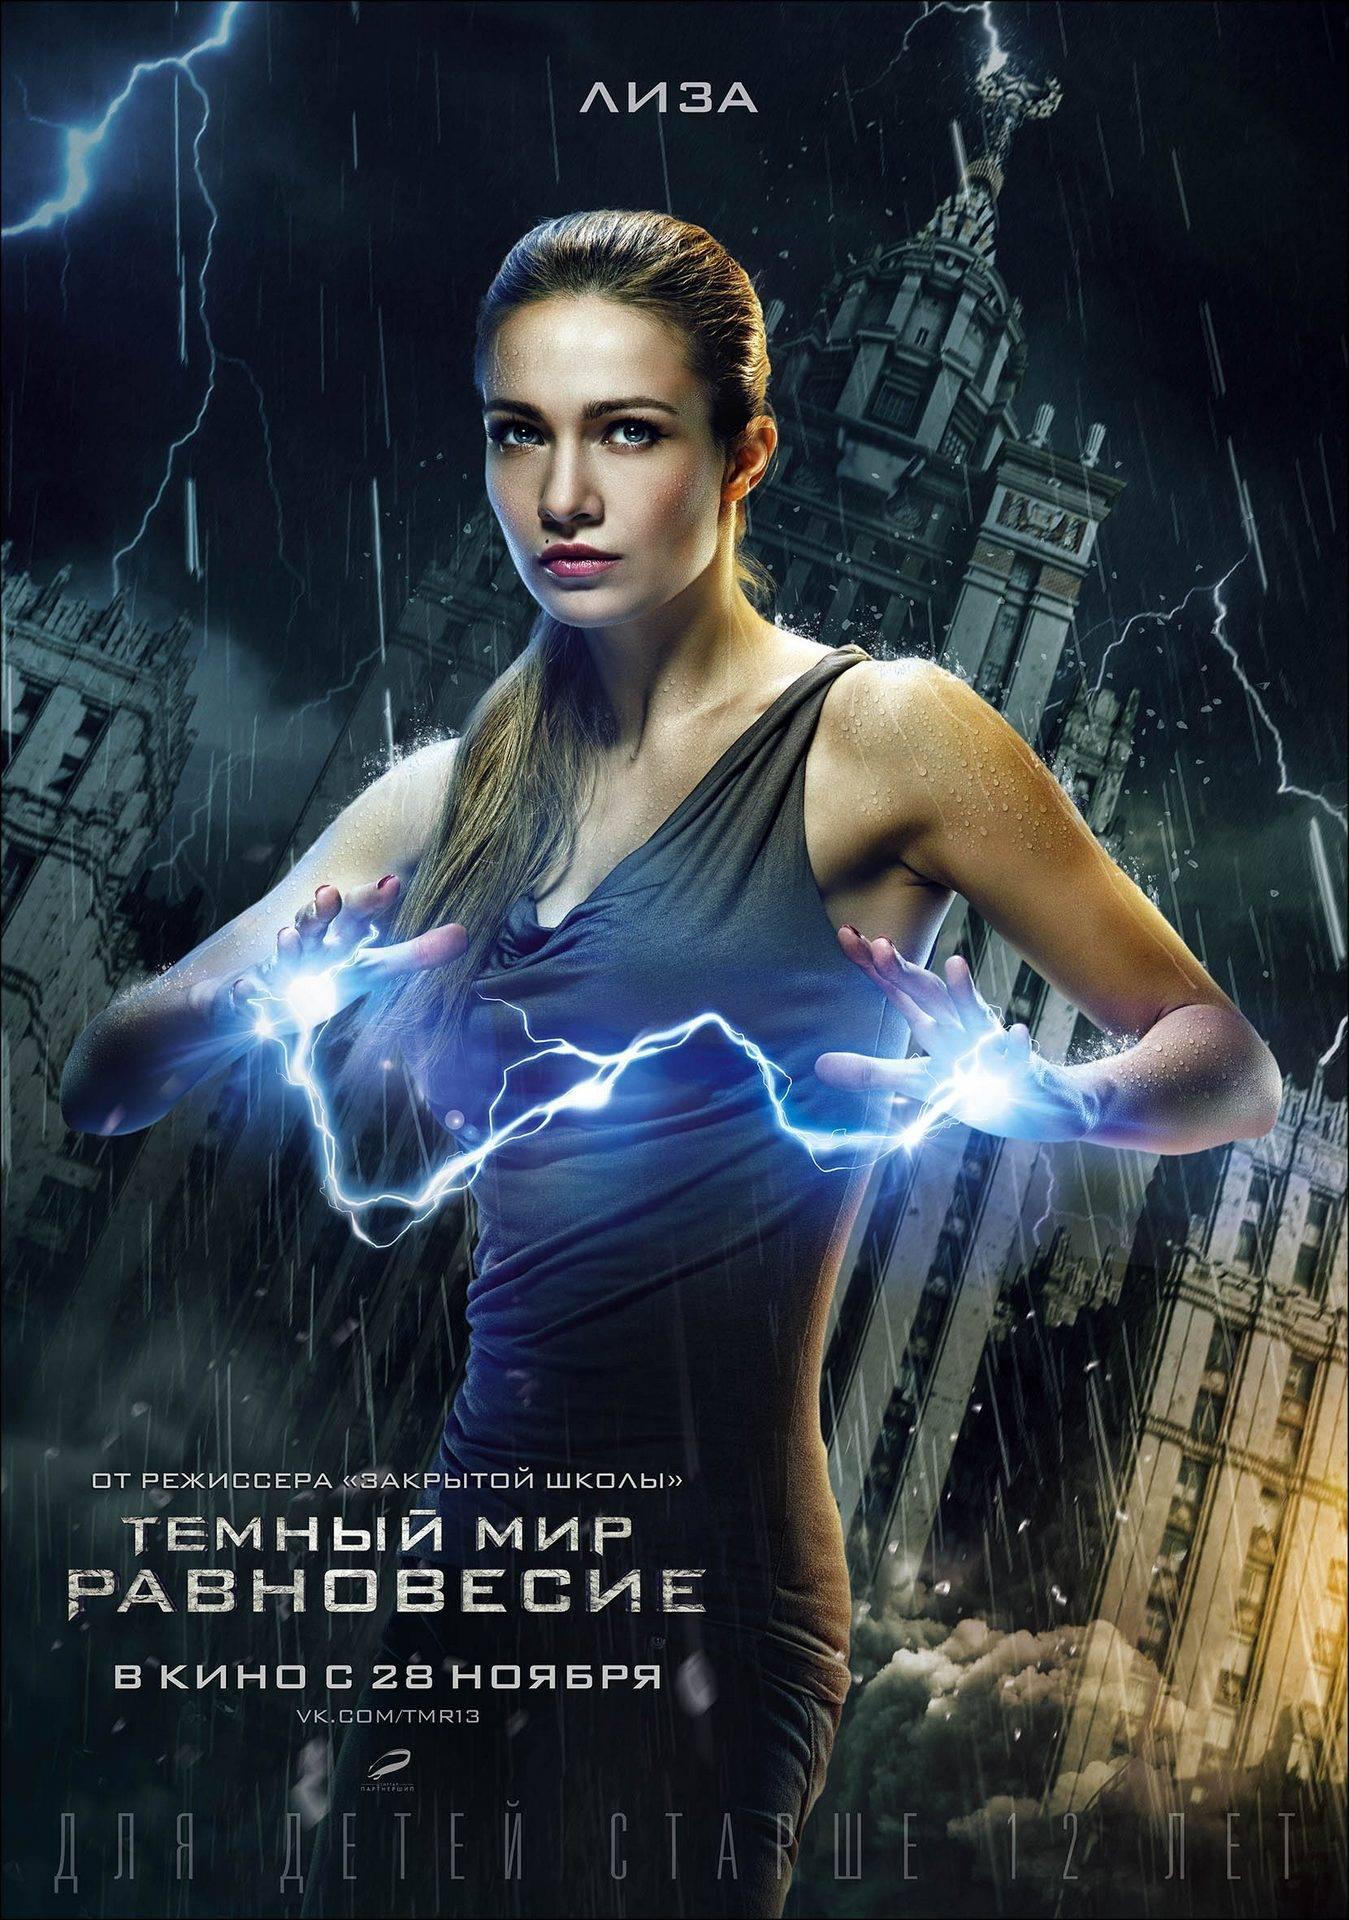 «Темный Мир Равновесие Сериал Смотреть Онлайн 2 Сезон» — 2004